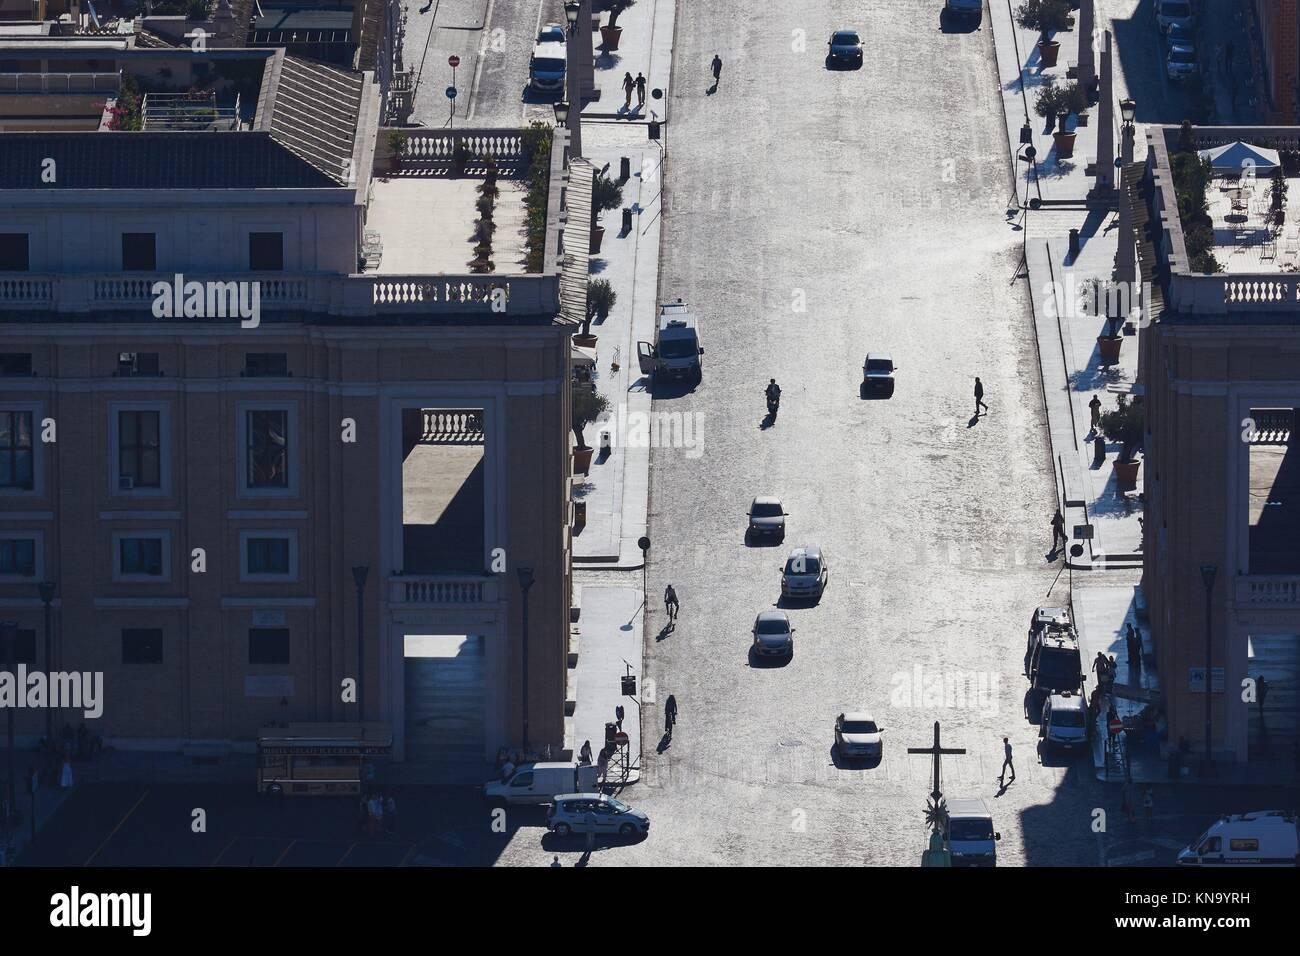 Cross on top of the obelisk in St Peter's Square and Via Della Conciliazione, Rome, Lazio, Italy, Europe. - Stock Image